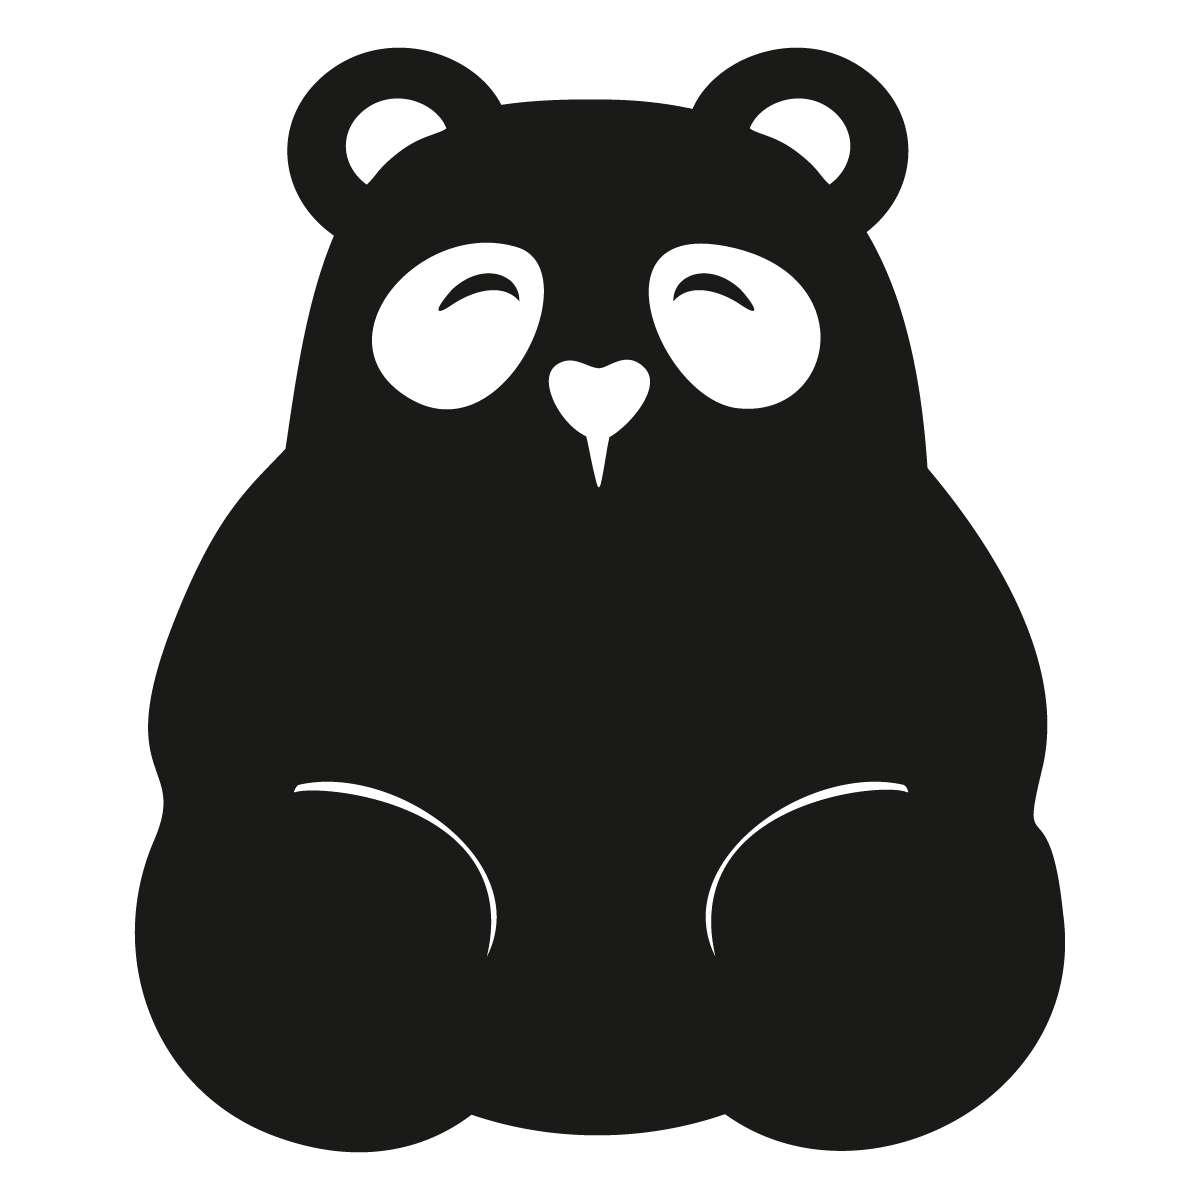 Panda chalkboard sticker